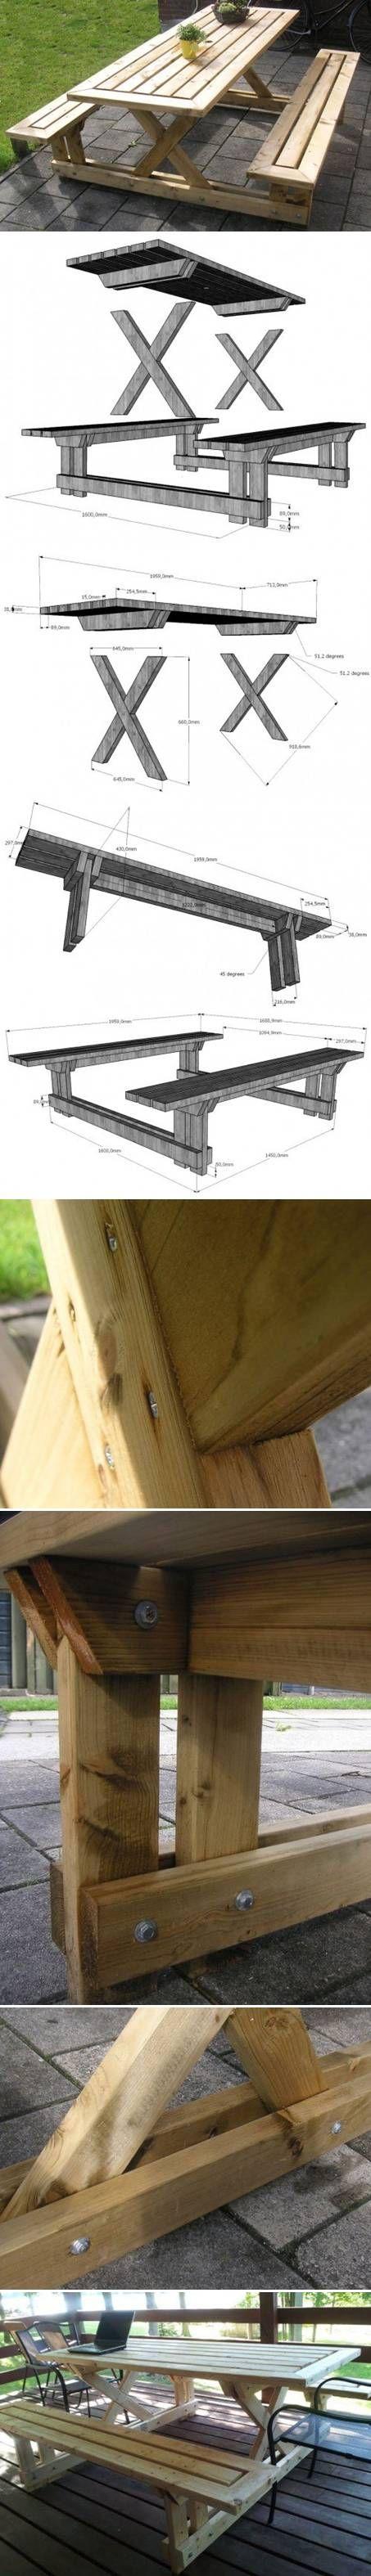 DIY Garden Bench & Table